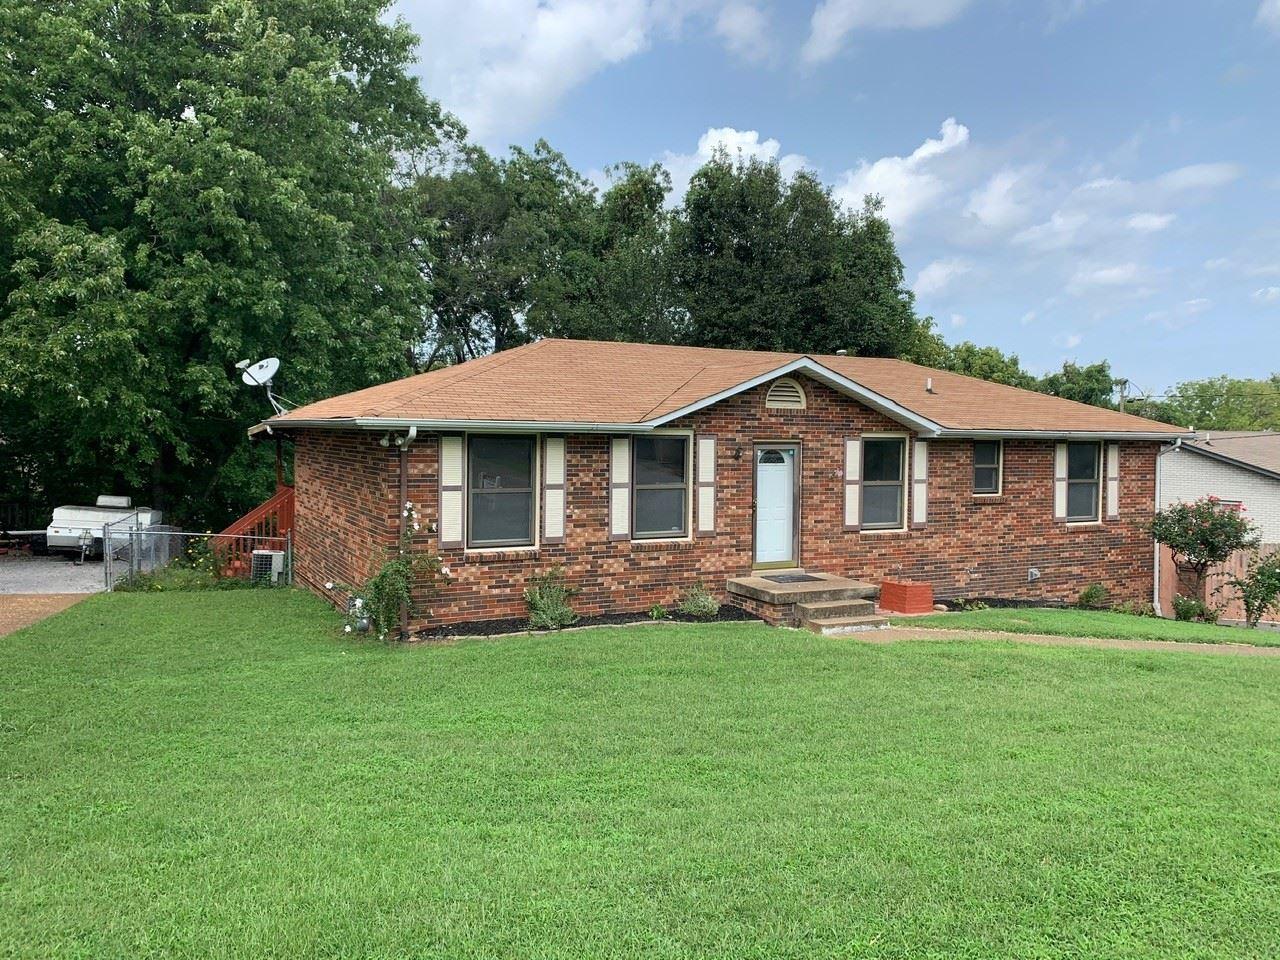 166 Brenda Ln, Antioch, TN 37013 - MLS#: 2190438